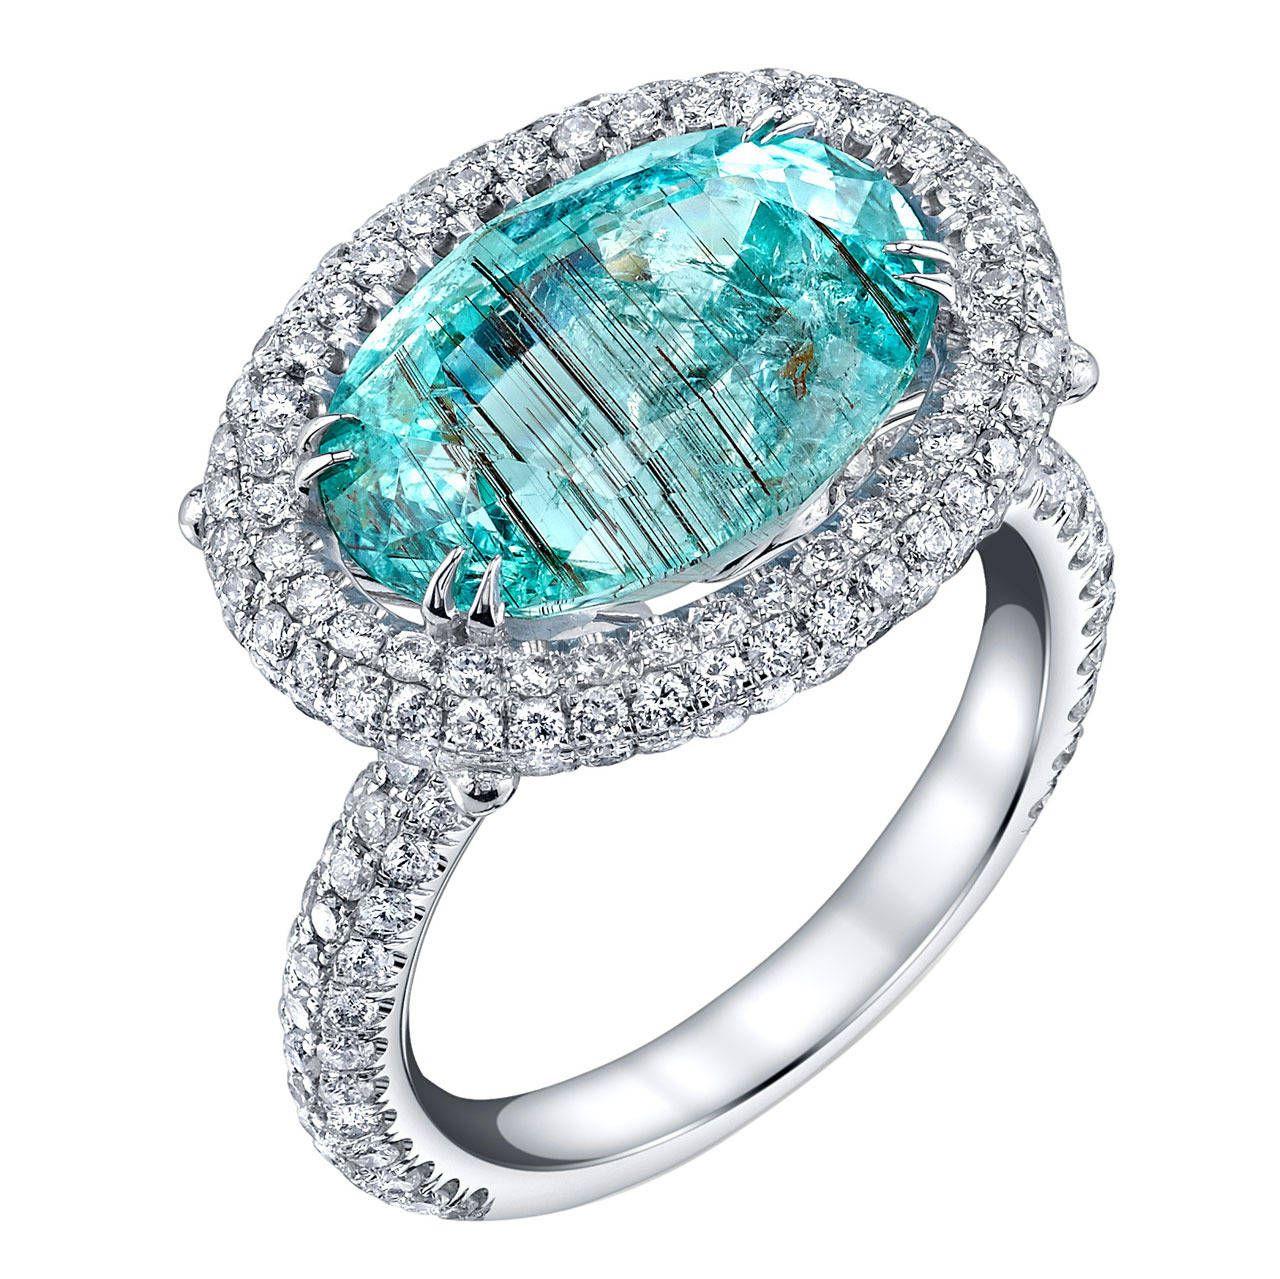 Gia Cert Paraiba Tourmaline Diamond Gold Ring